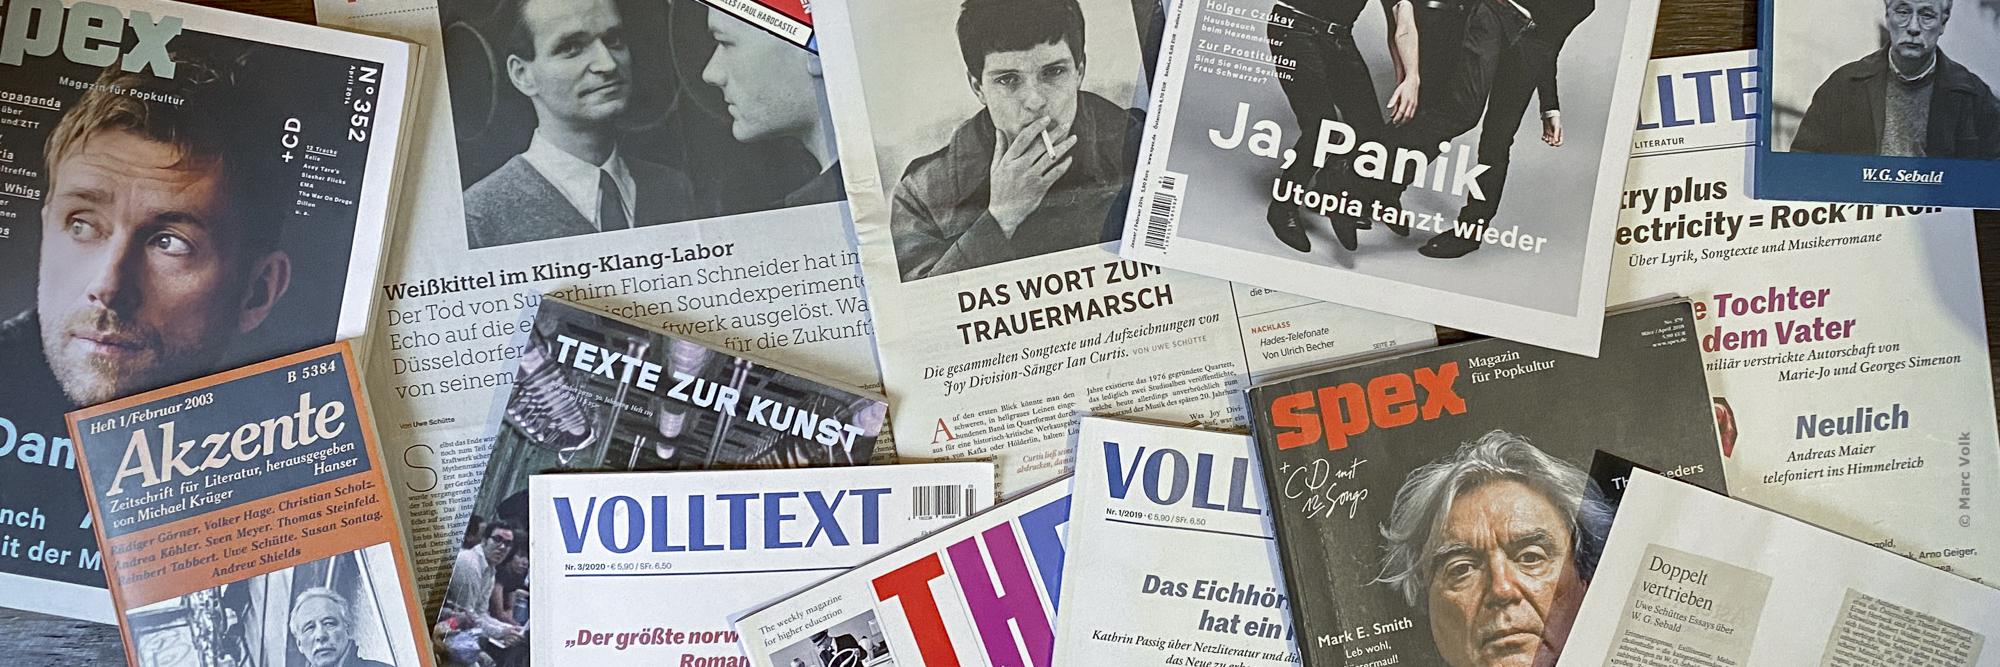 Bücher von Uwe Schütte, Berlin 2021